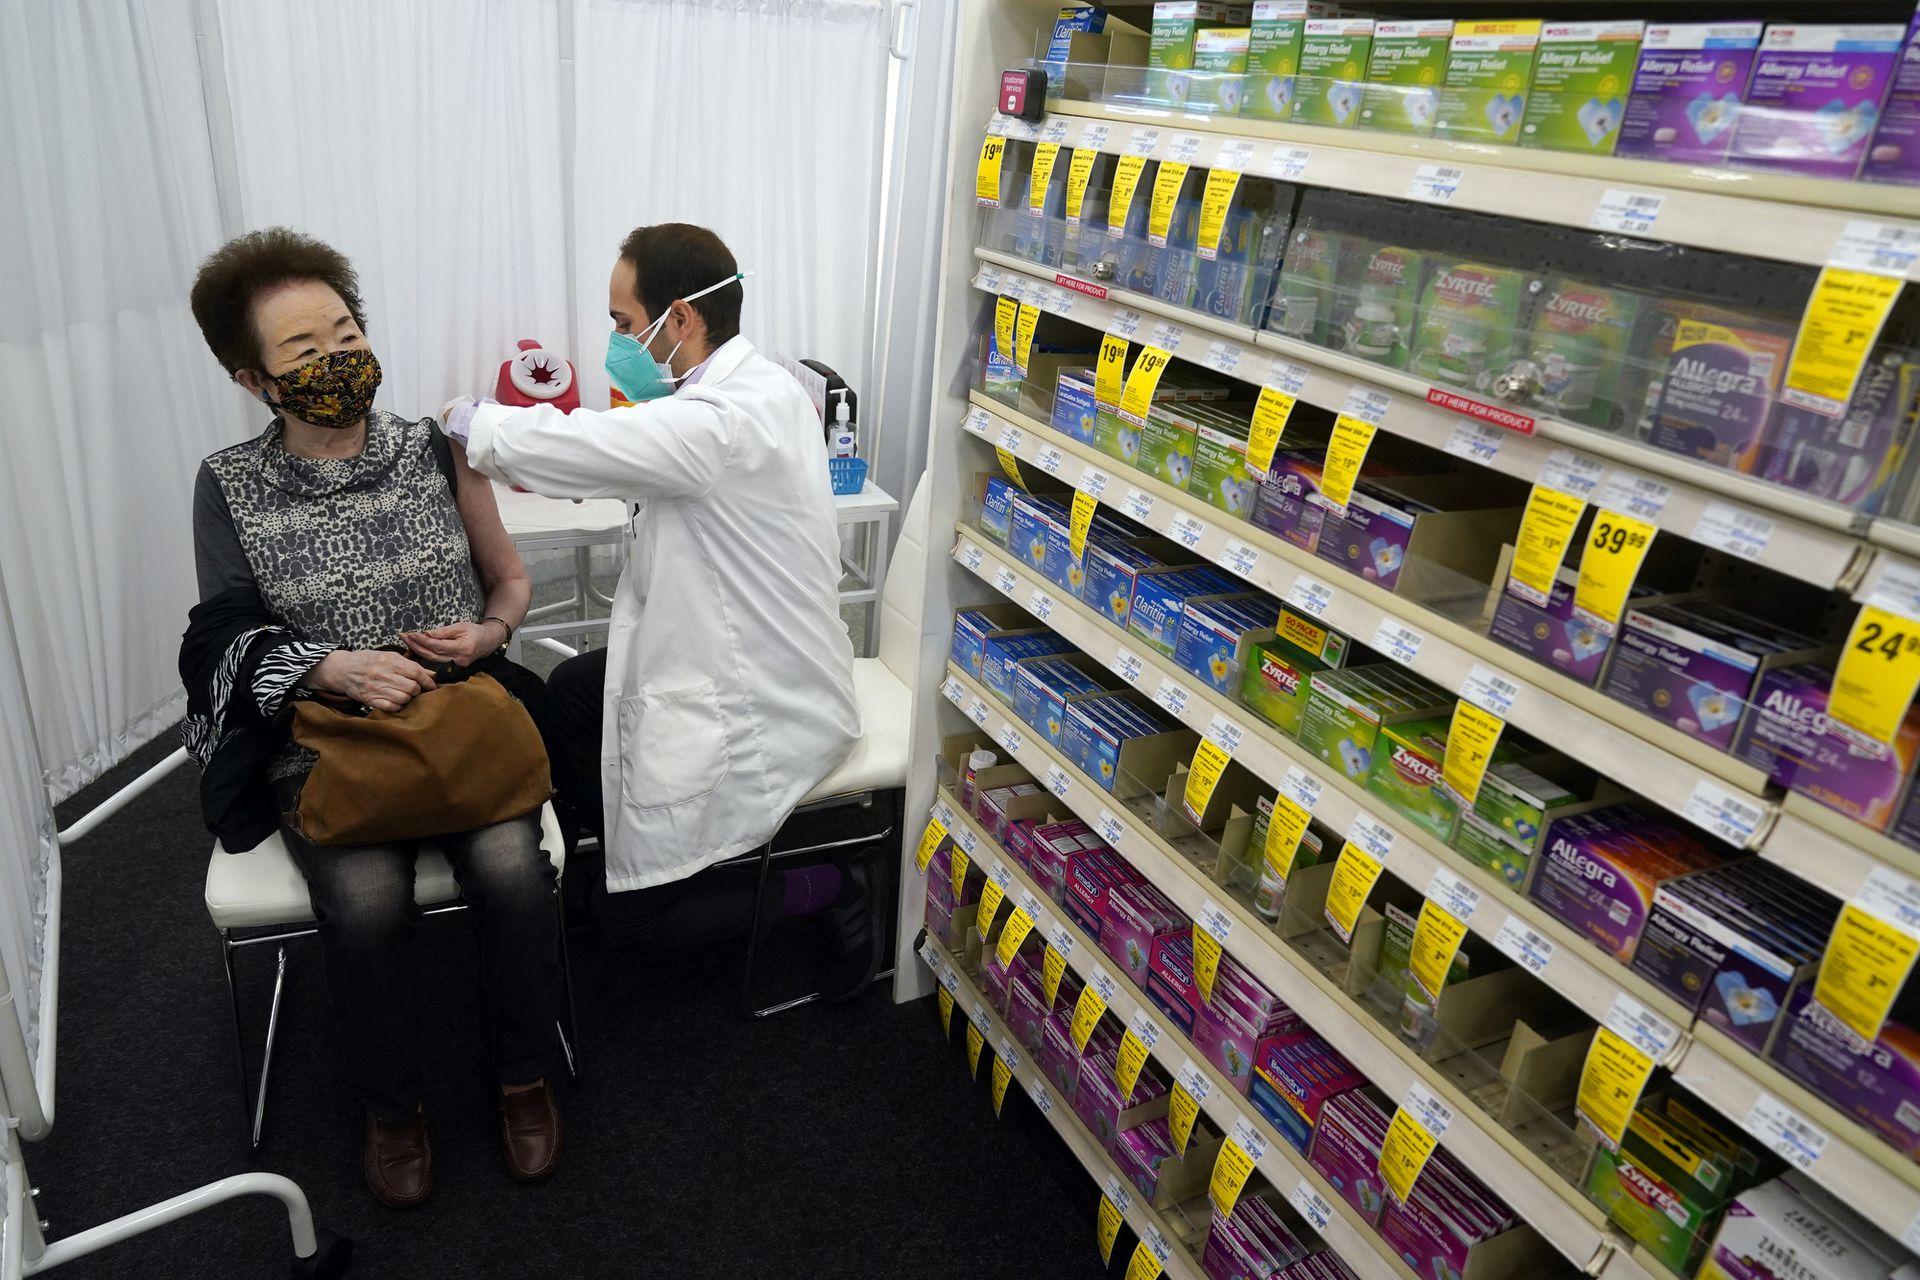 ESTADOS UNIDOS: El farmacéutico Todd Gharibian, a la derecha, administra una dosis de la vacuna Moderna COVID-19 a Toshiko Sugiyama, a la izquierda, en una sucursal de CVS Pharmacy el lunes 1 de marzo de 2021 en Los Ángeles.